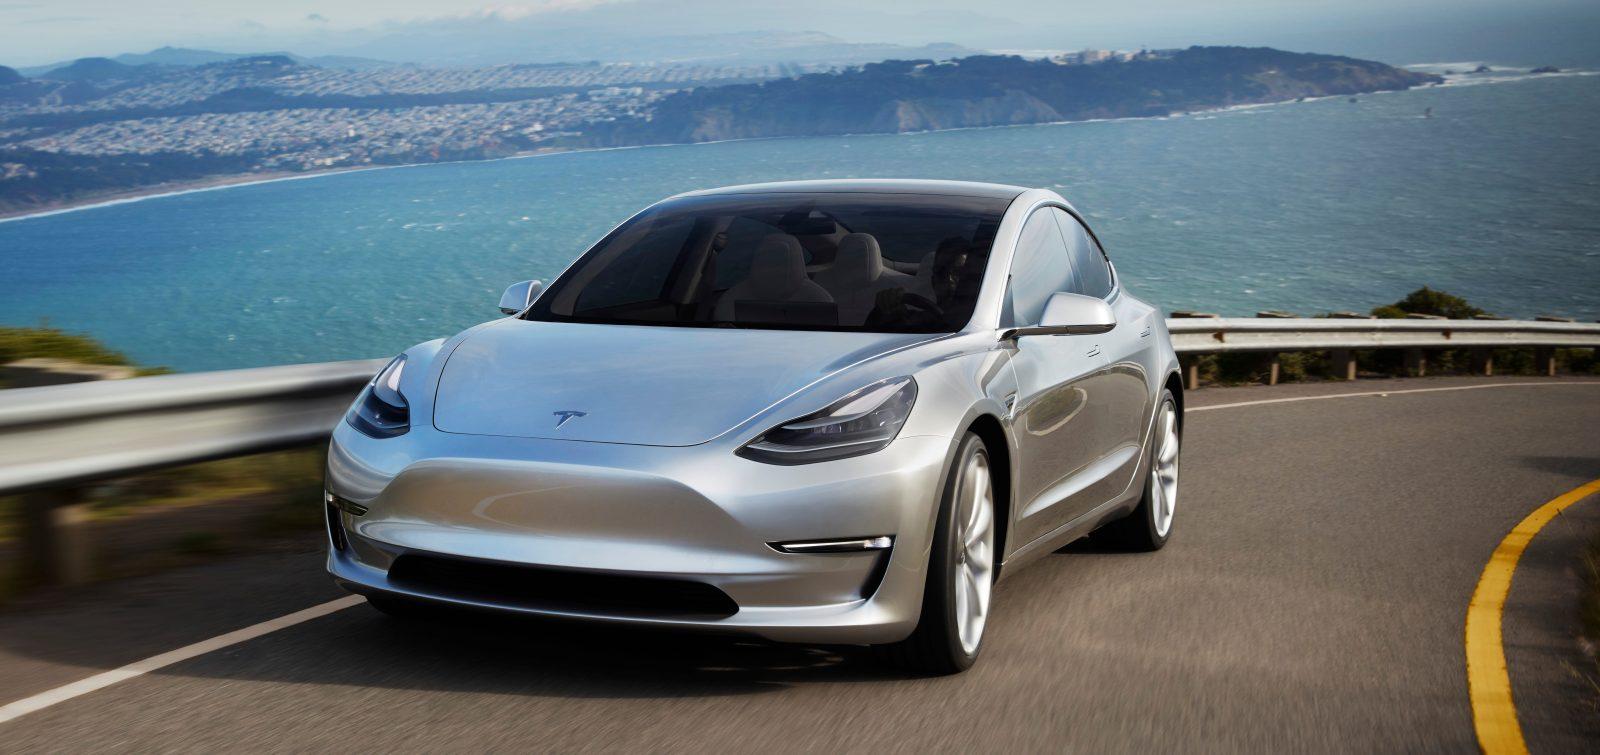 5,6 εκατομμύρια ηλεκτρικά οχήματα κυκλοφορούν στους δρόμους παγκοσμίως